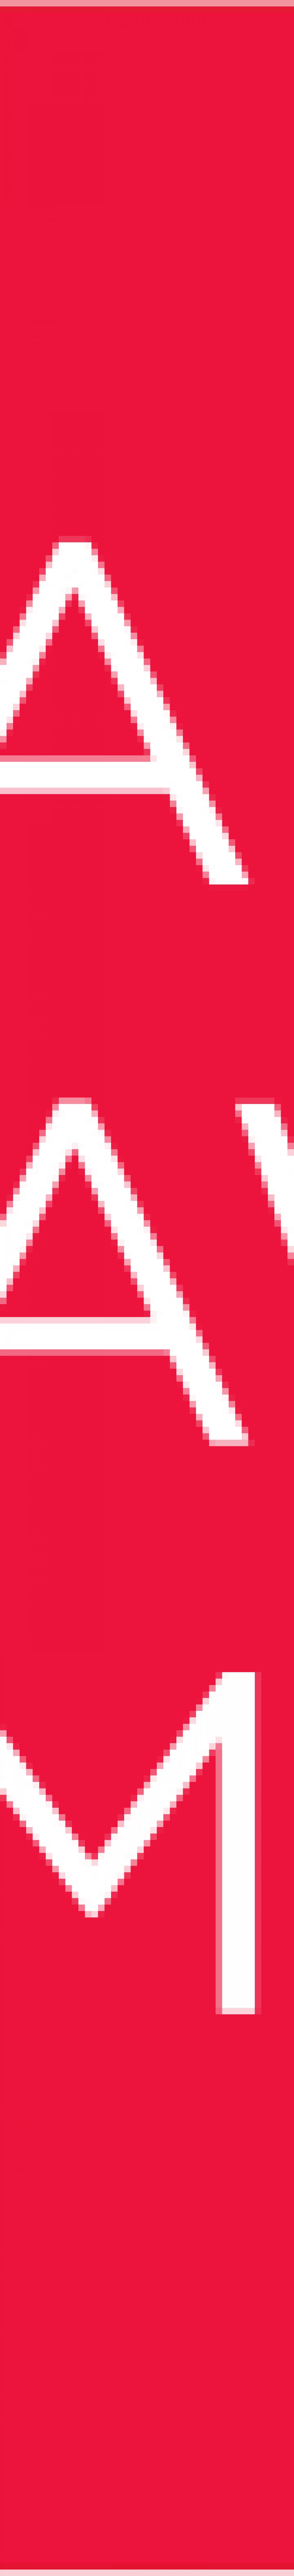 ALS Association of Arkansas Raises Awareness Throughout August